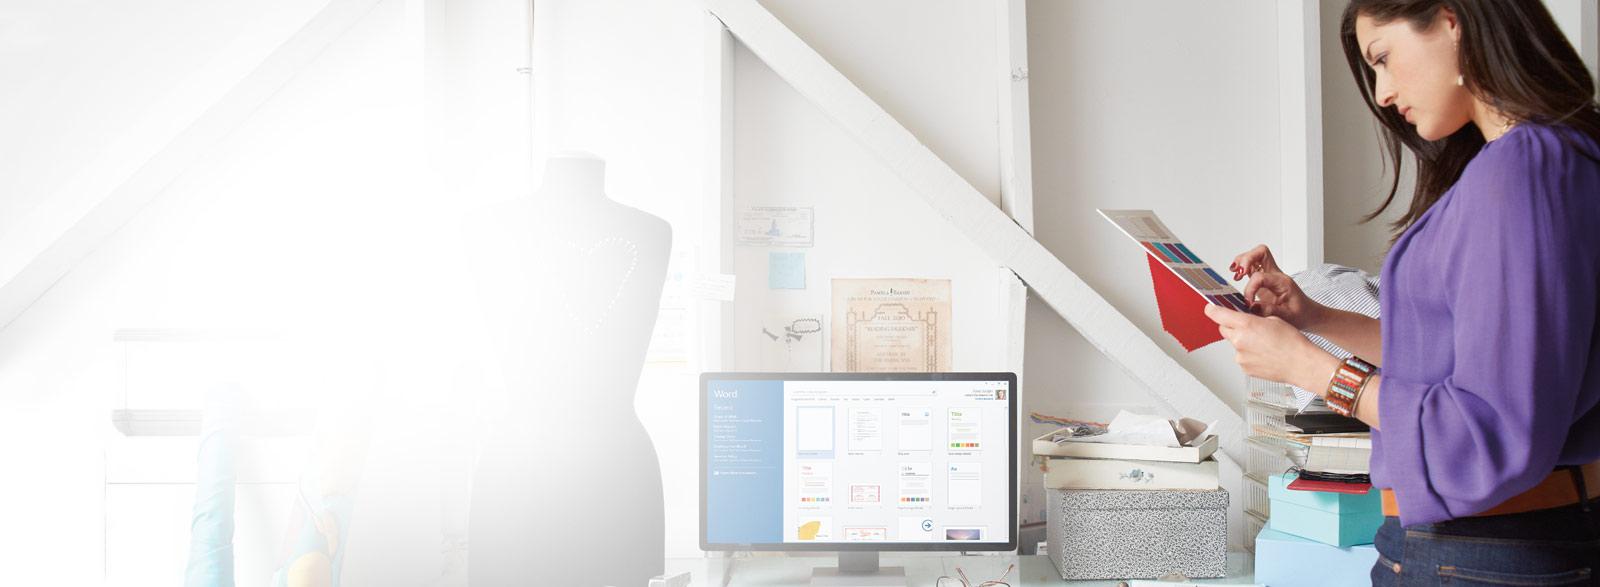 office 365 business. Black Bedroom Furniture Sets. Home Design Ideas